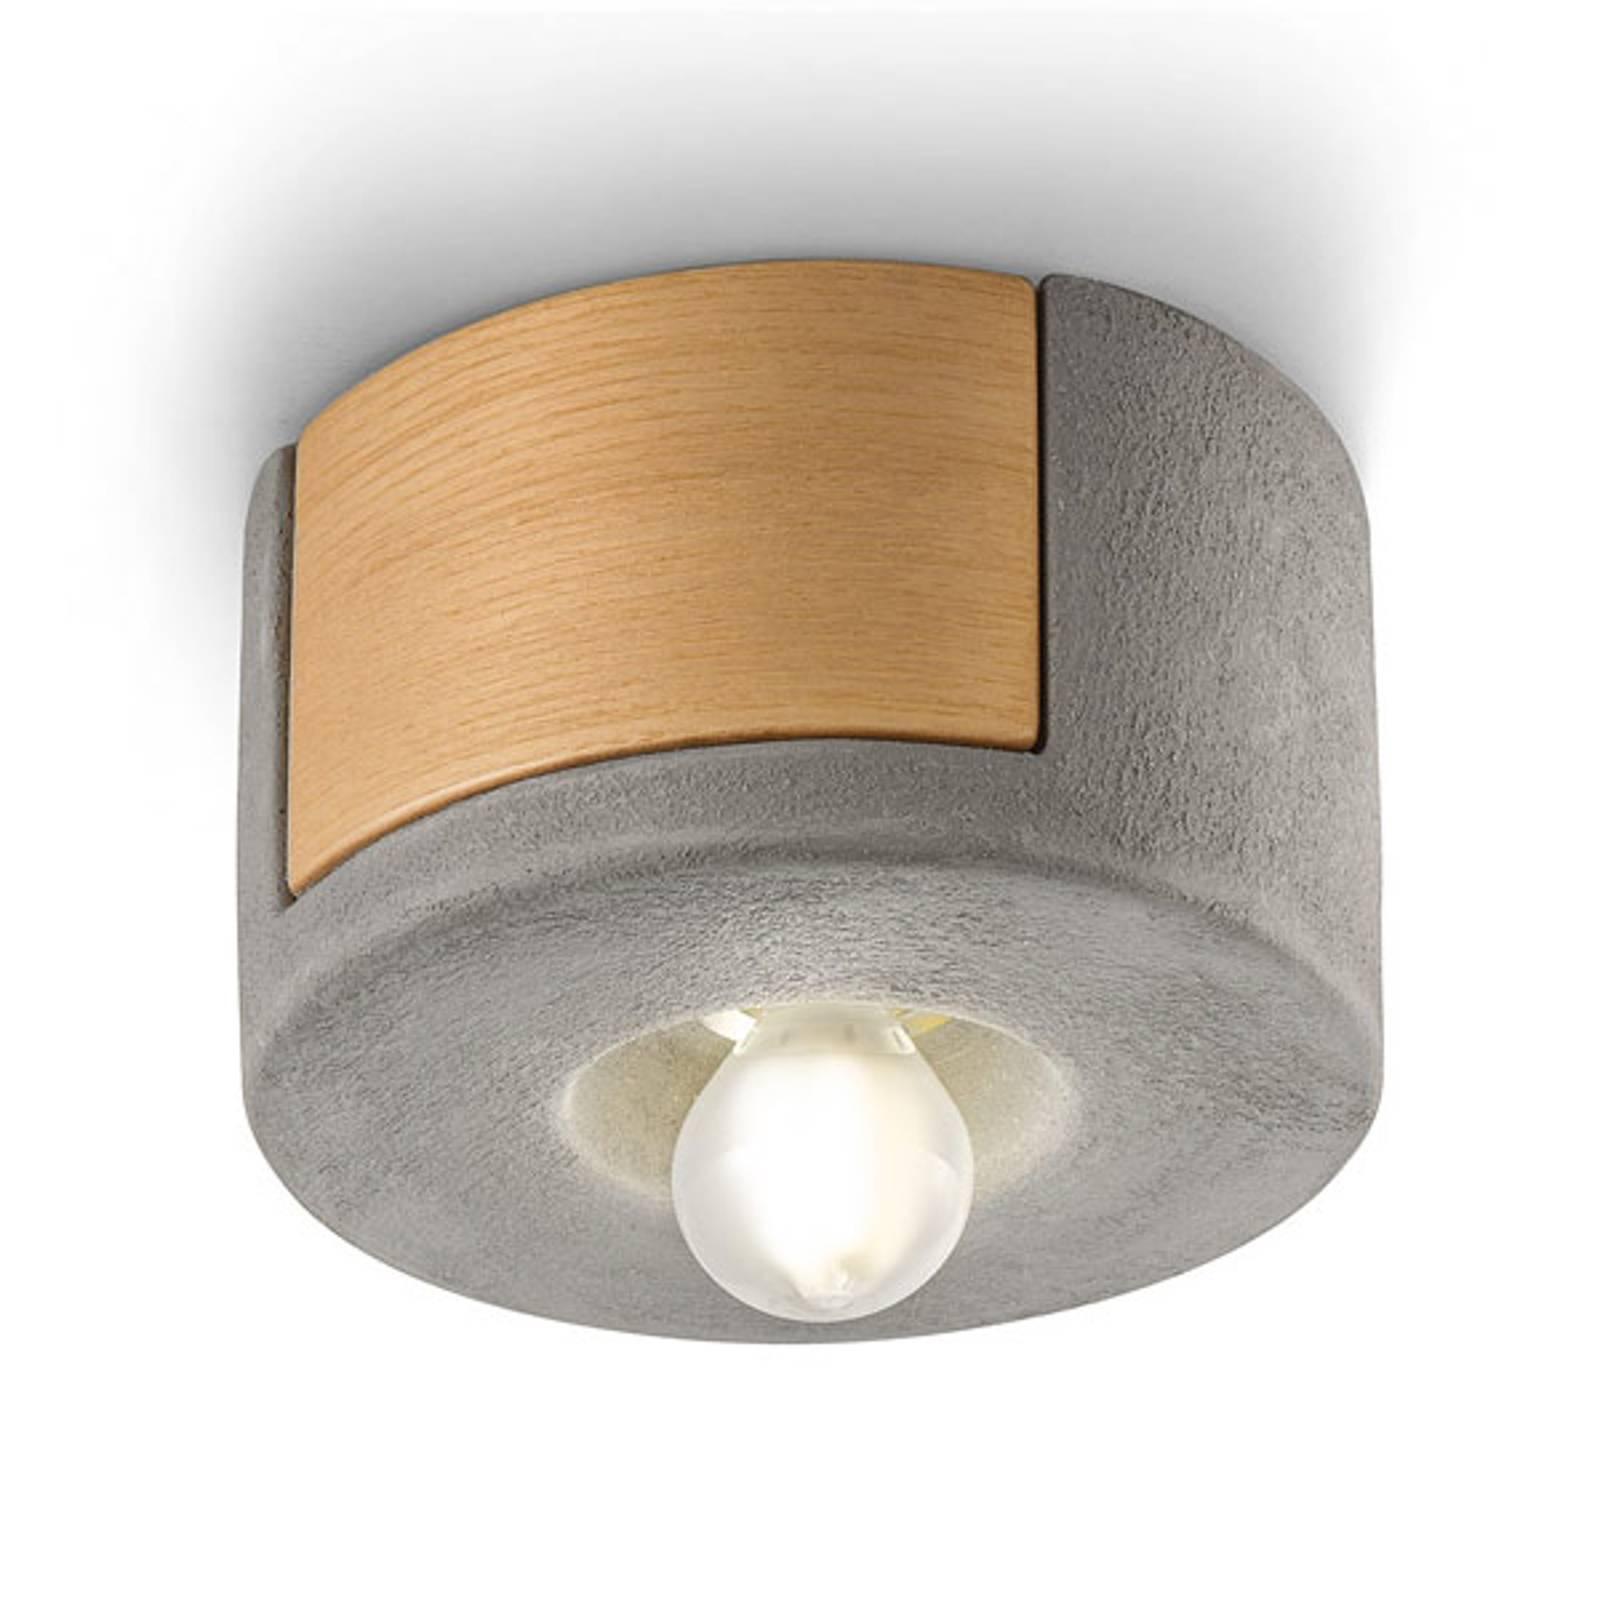 Plafondlamp C1791 in Scandinavische stijl cement